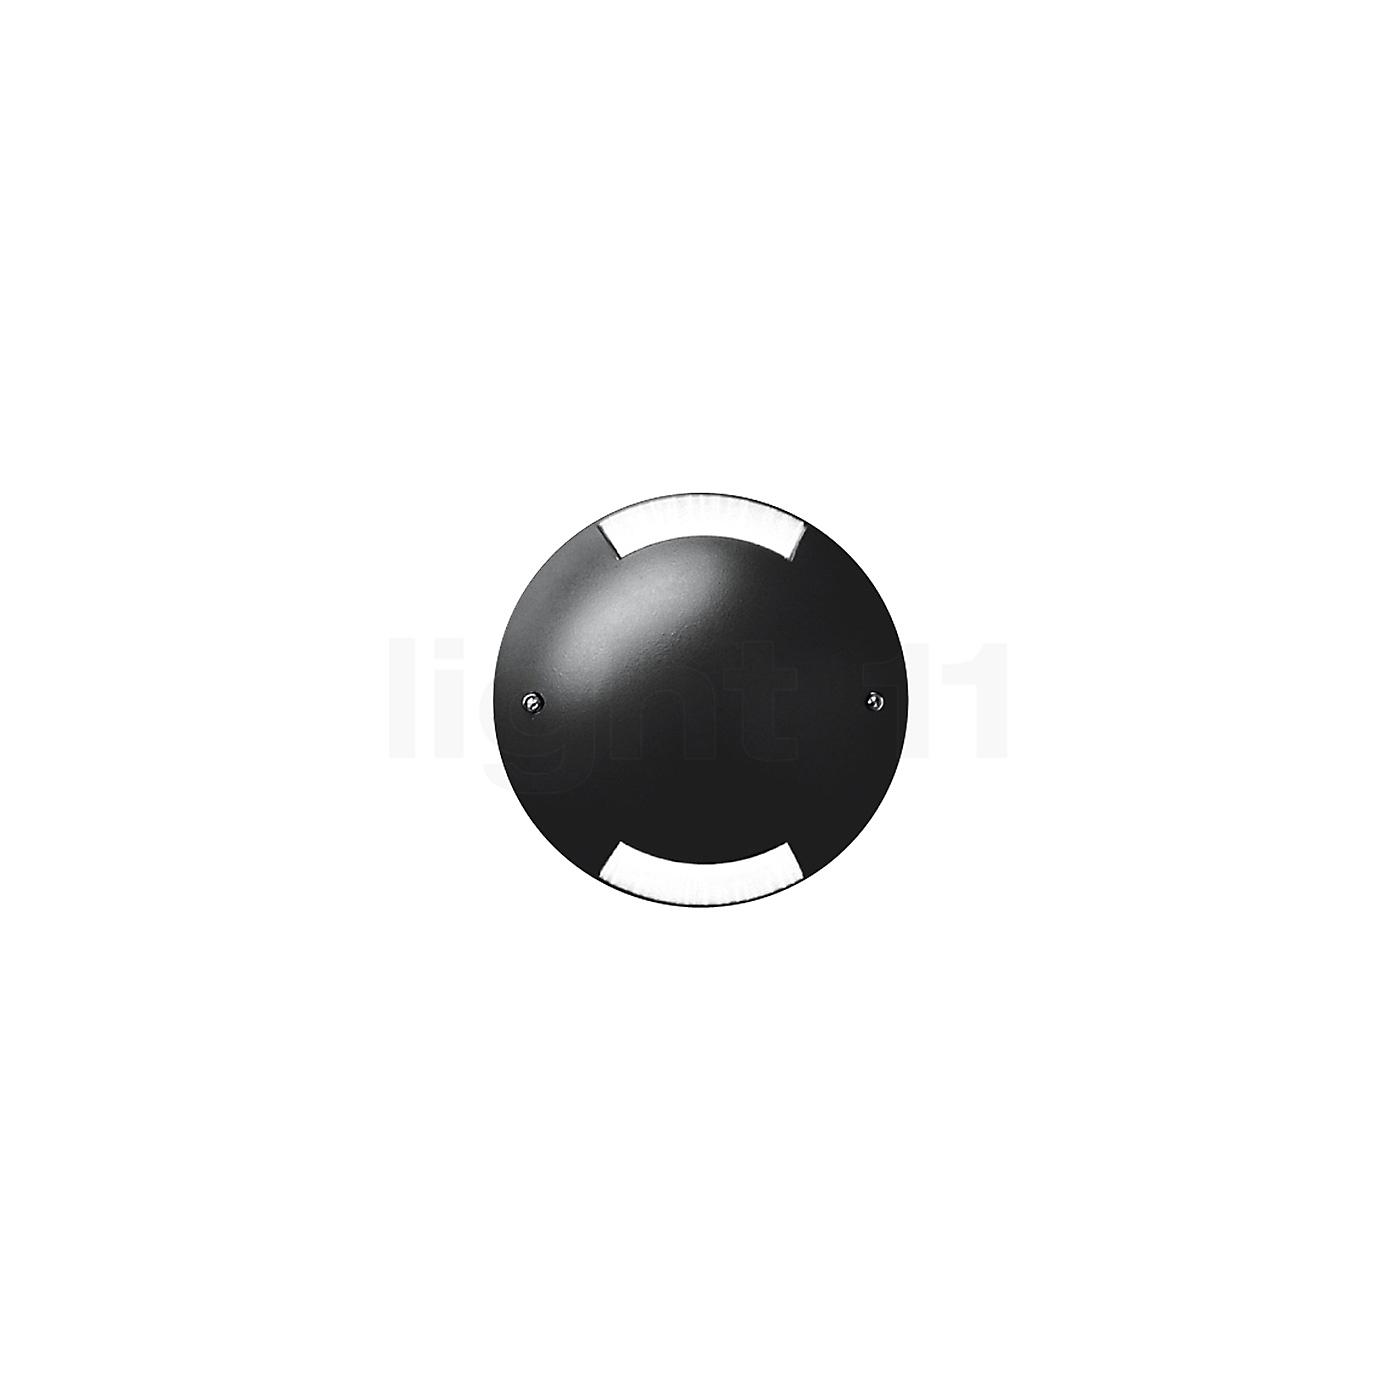 bega 88674 luminaire encastrer 2x 60 led. Black Bedroom Furniture Sets. Home Design Ideas